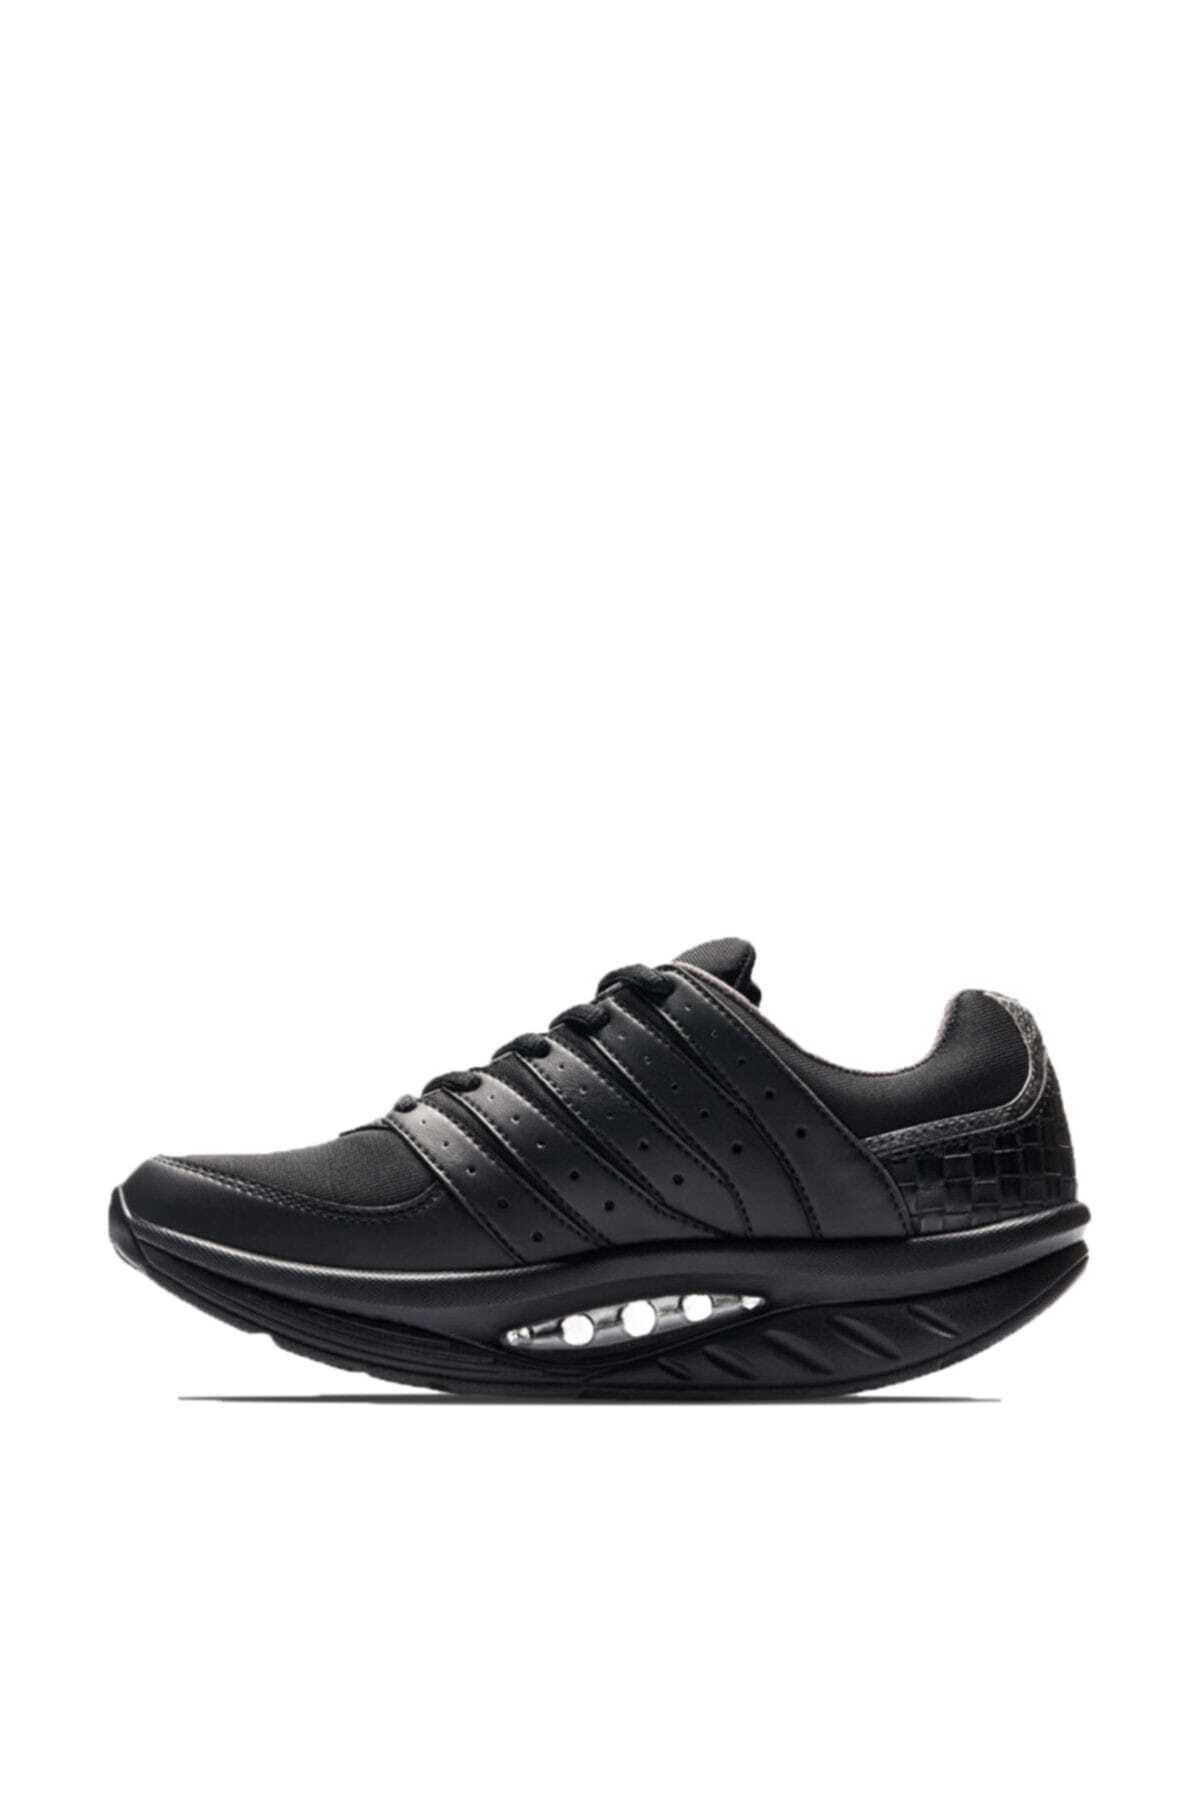 Lescon Kadın Sneaker L-6613easystep - 19bau006613z-633 2